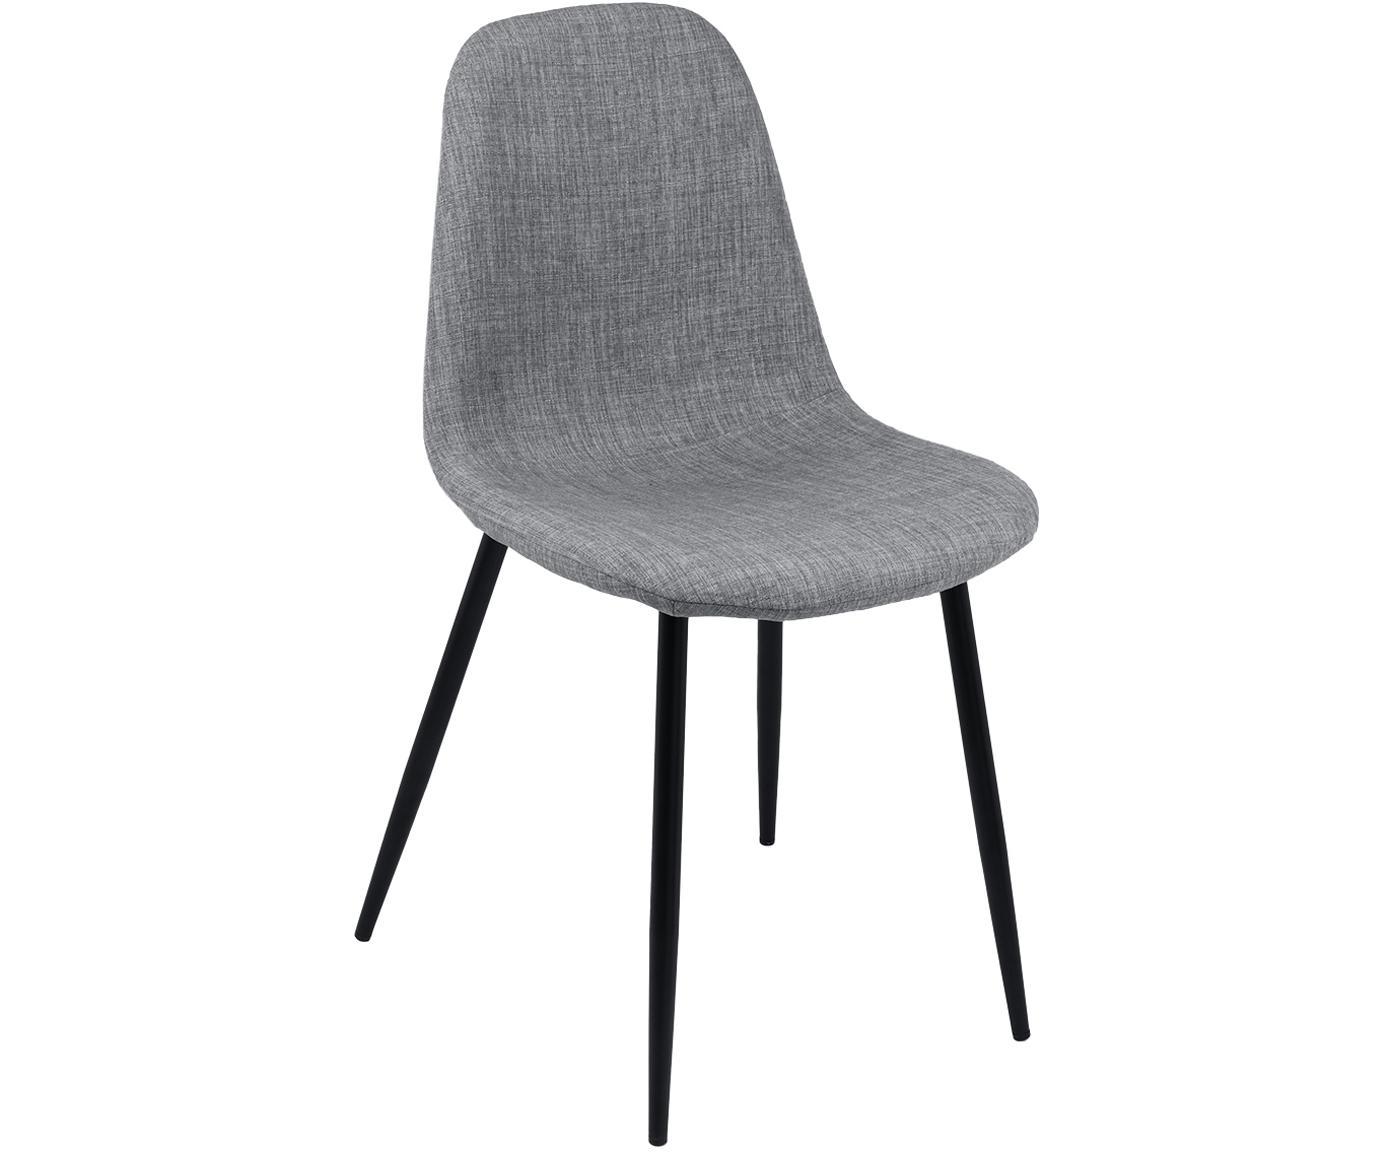 Polsterstühle Karla, 2 Stück, Bezug: 100 % Polyester, Webstoff Hellgrau, Beine Schwarz, B 44 x T 53 cm